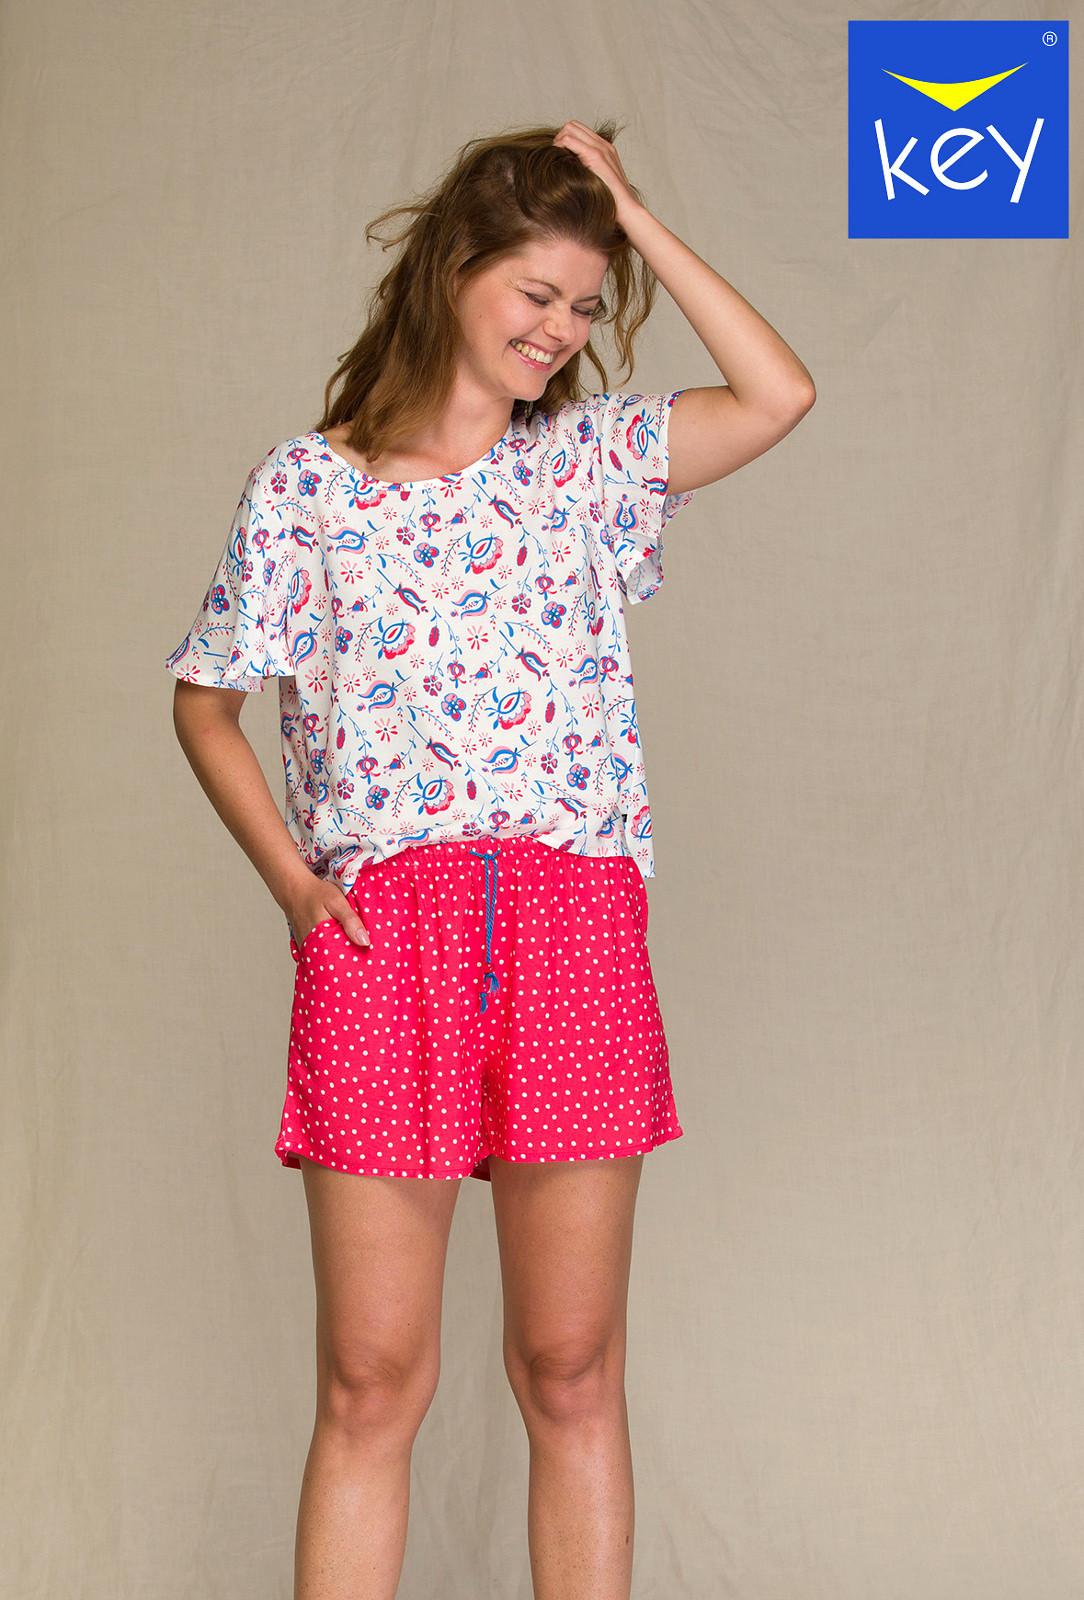 Piżama Key LNS 946 A21 S-XL